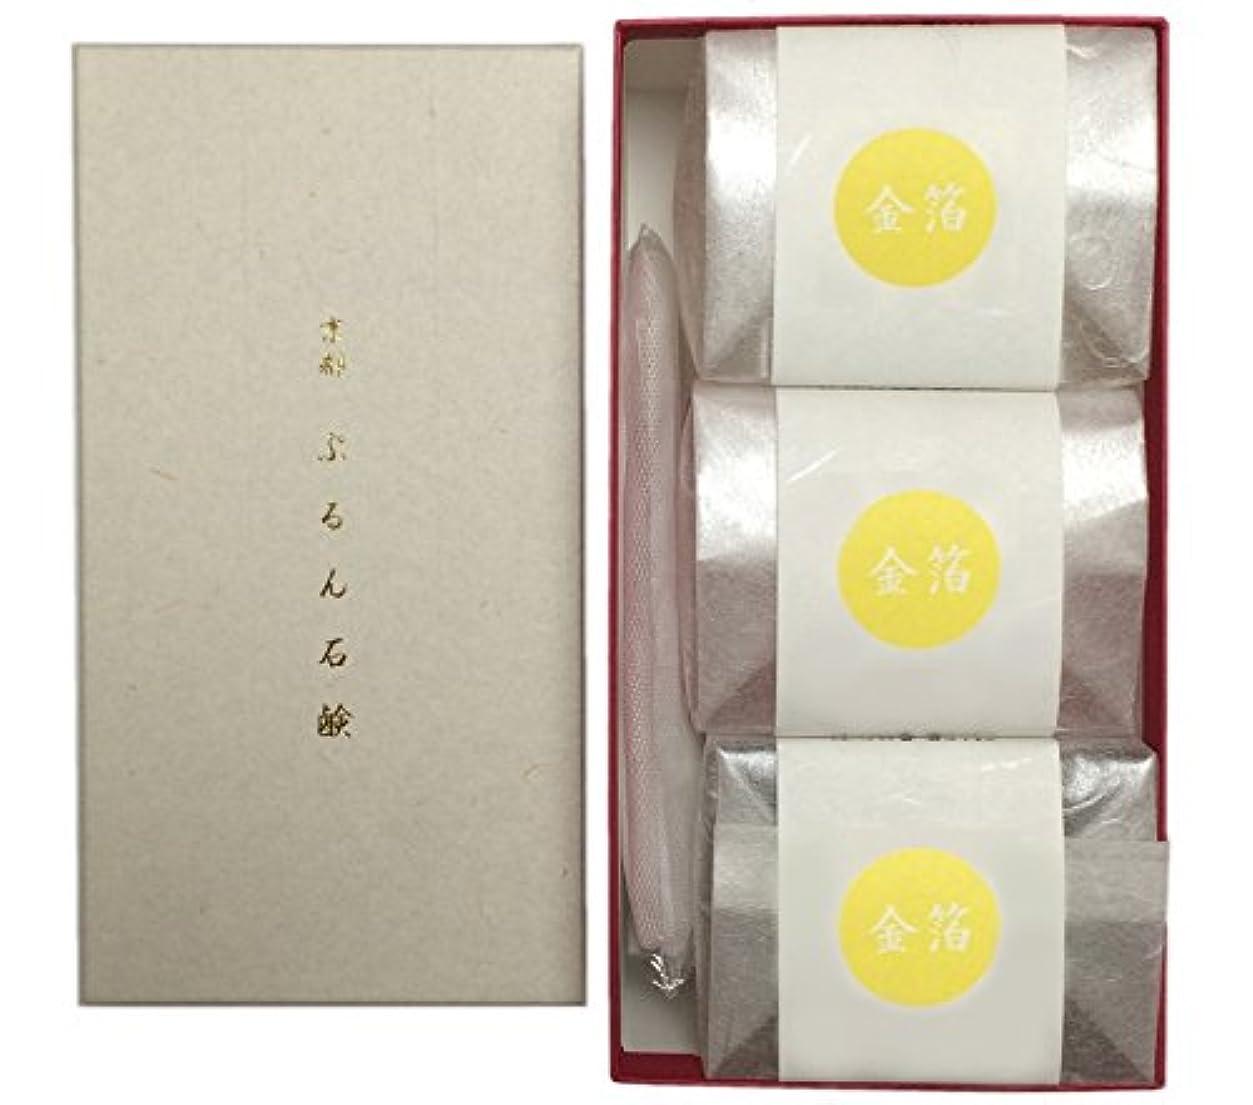 閉じ込める煙突広がり京都 ぷるん石鹸 ピュアソープ ヒアルロン酸 コラーゲン ギフトボックス 金箔3個セット